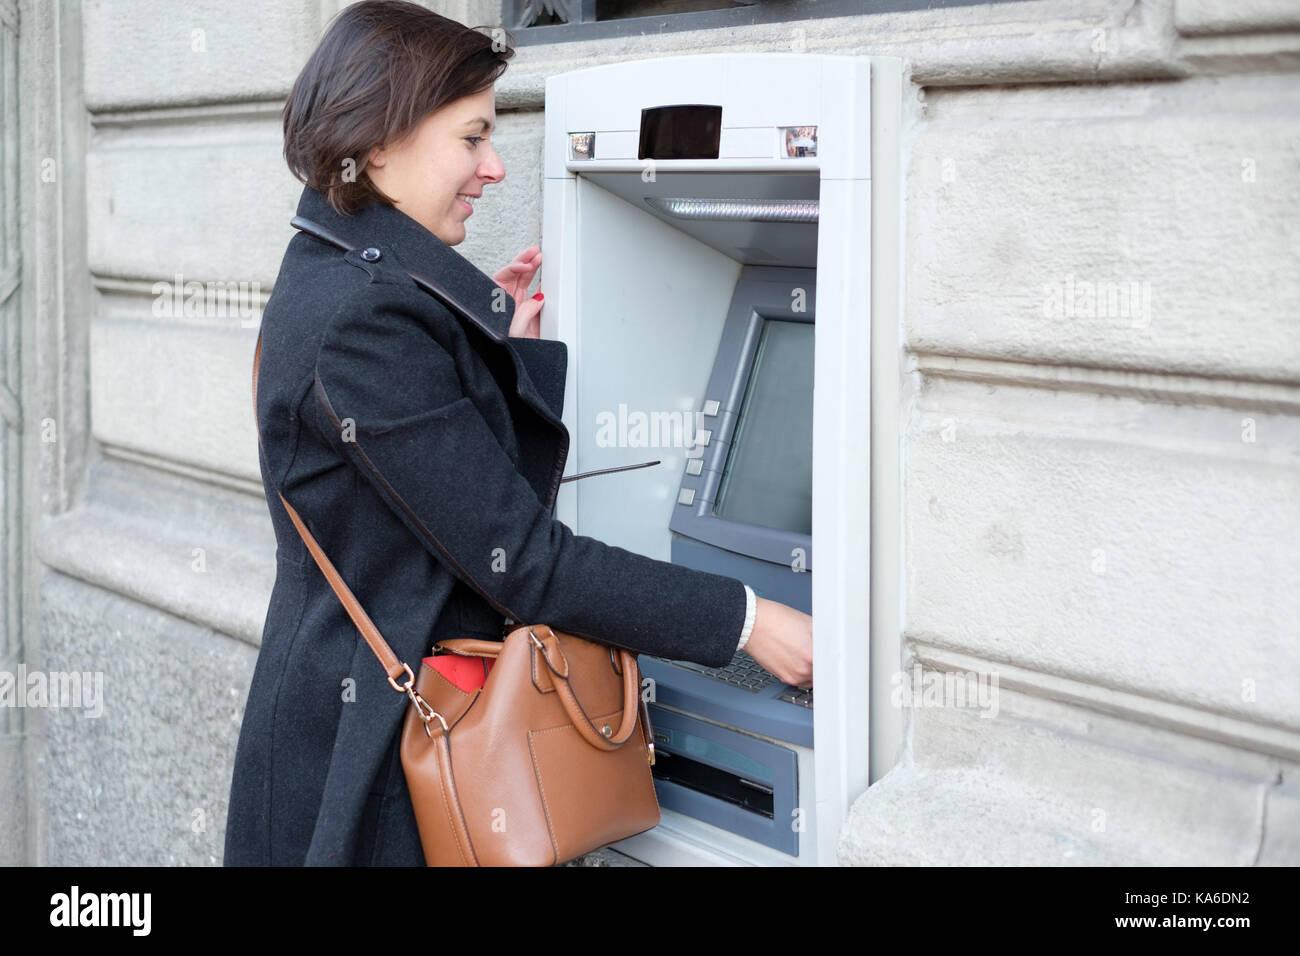 Donna che fa una banca il prelievo in un bancomat Immagini Stock